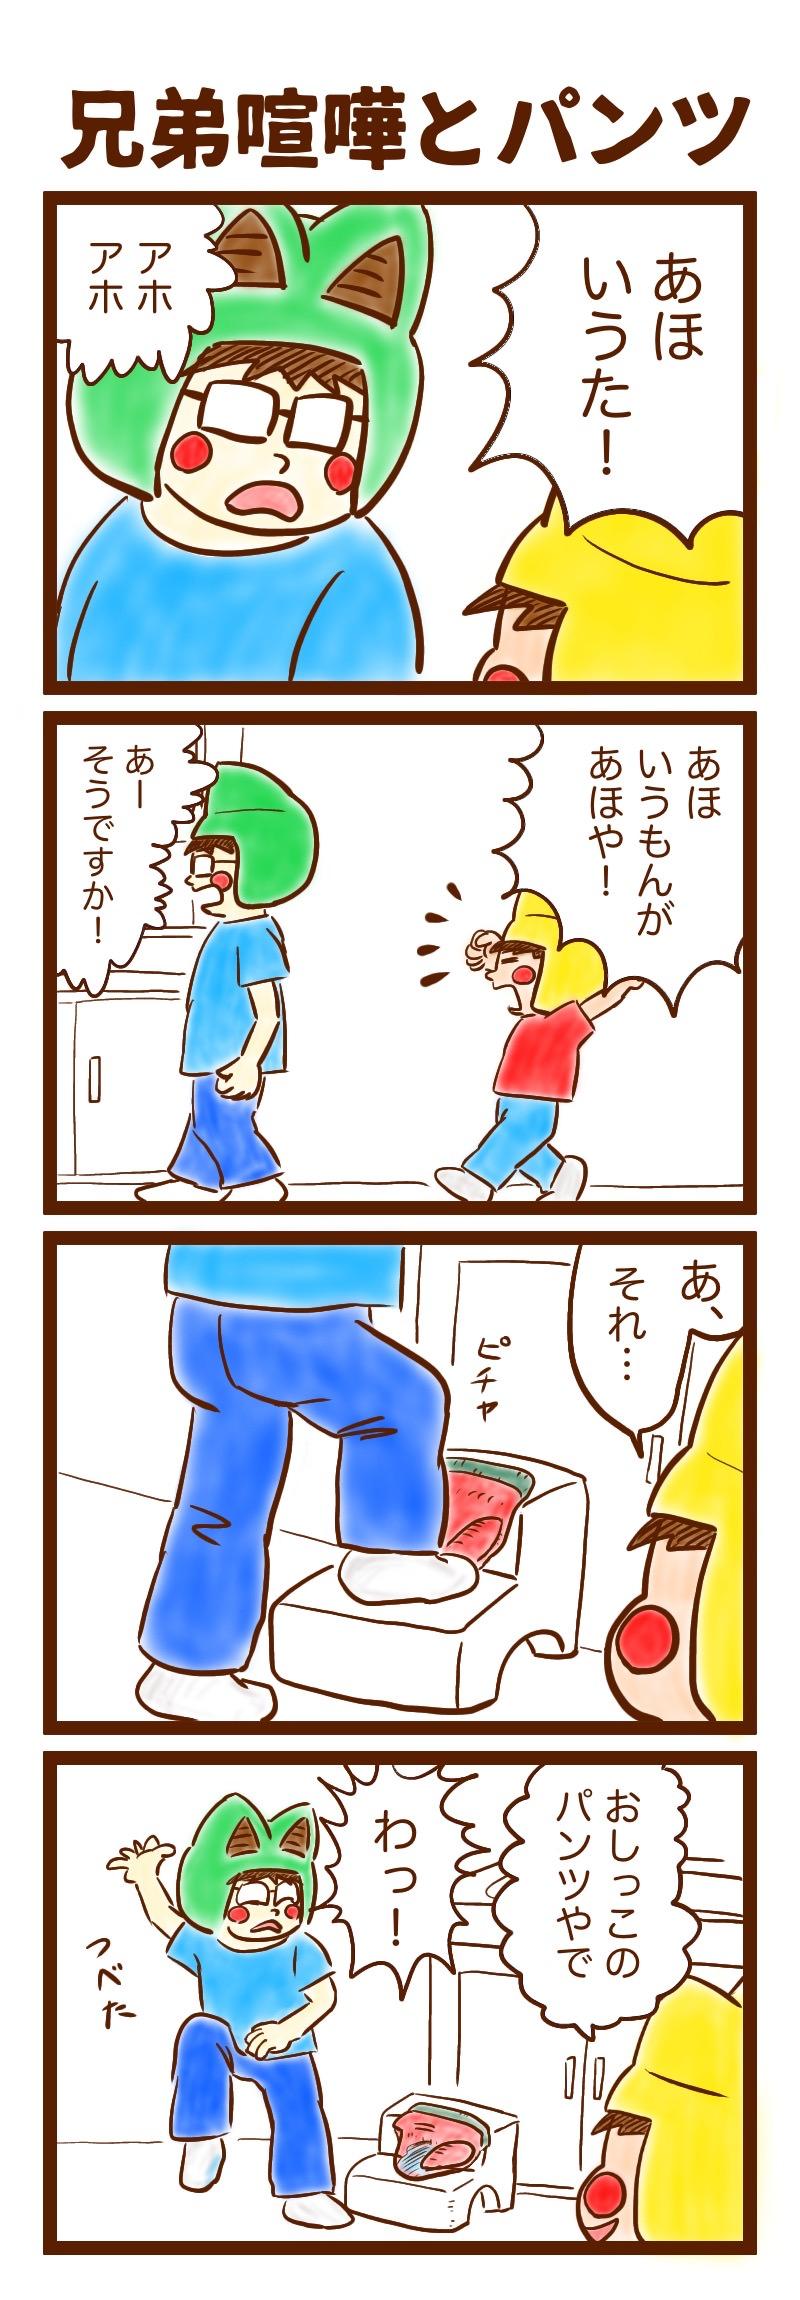 兄弟喧嘩とパンツ